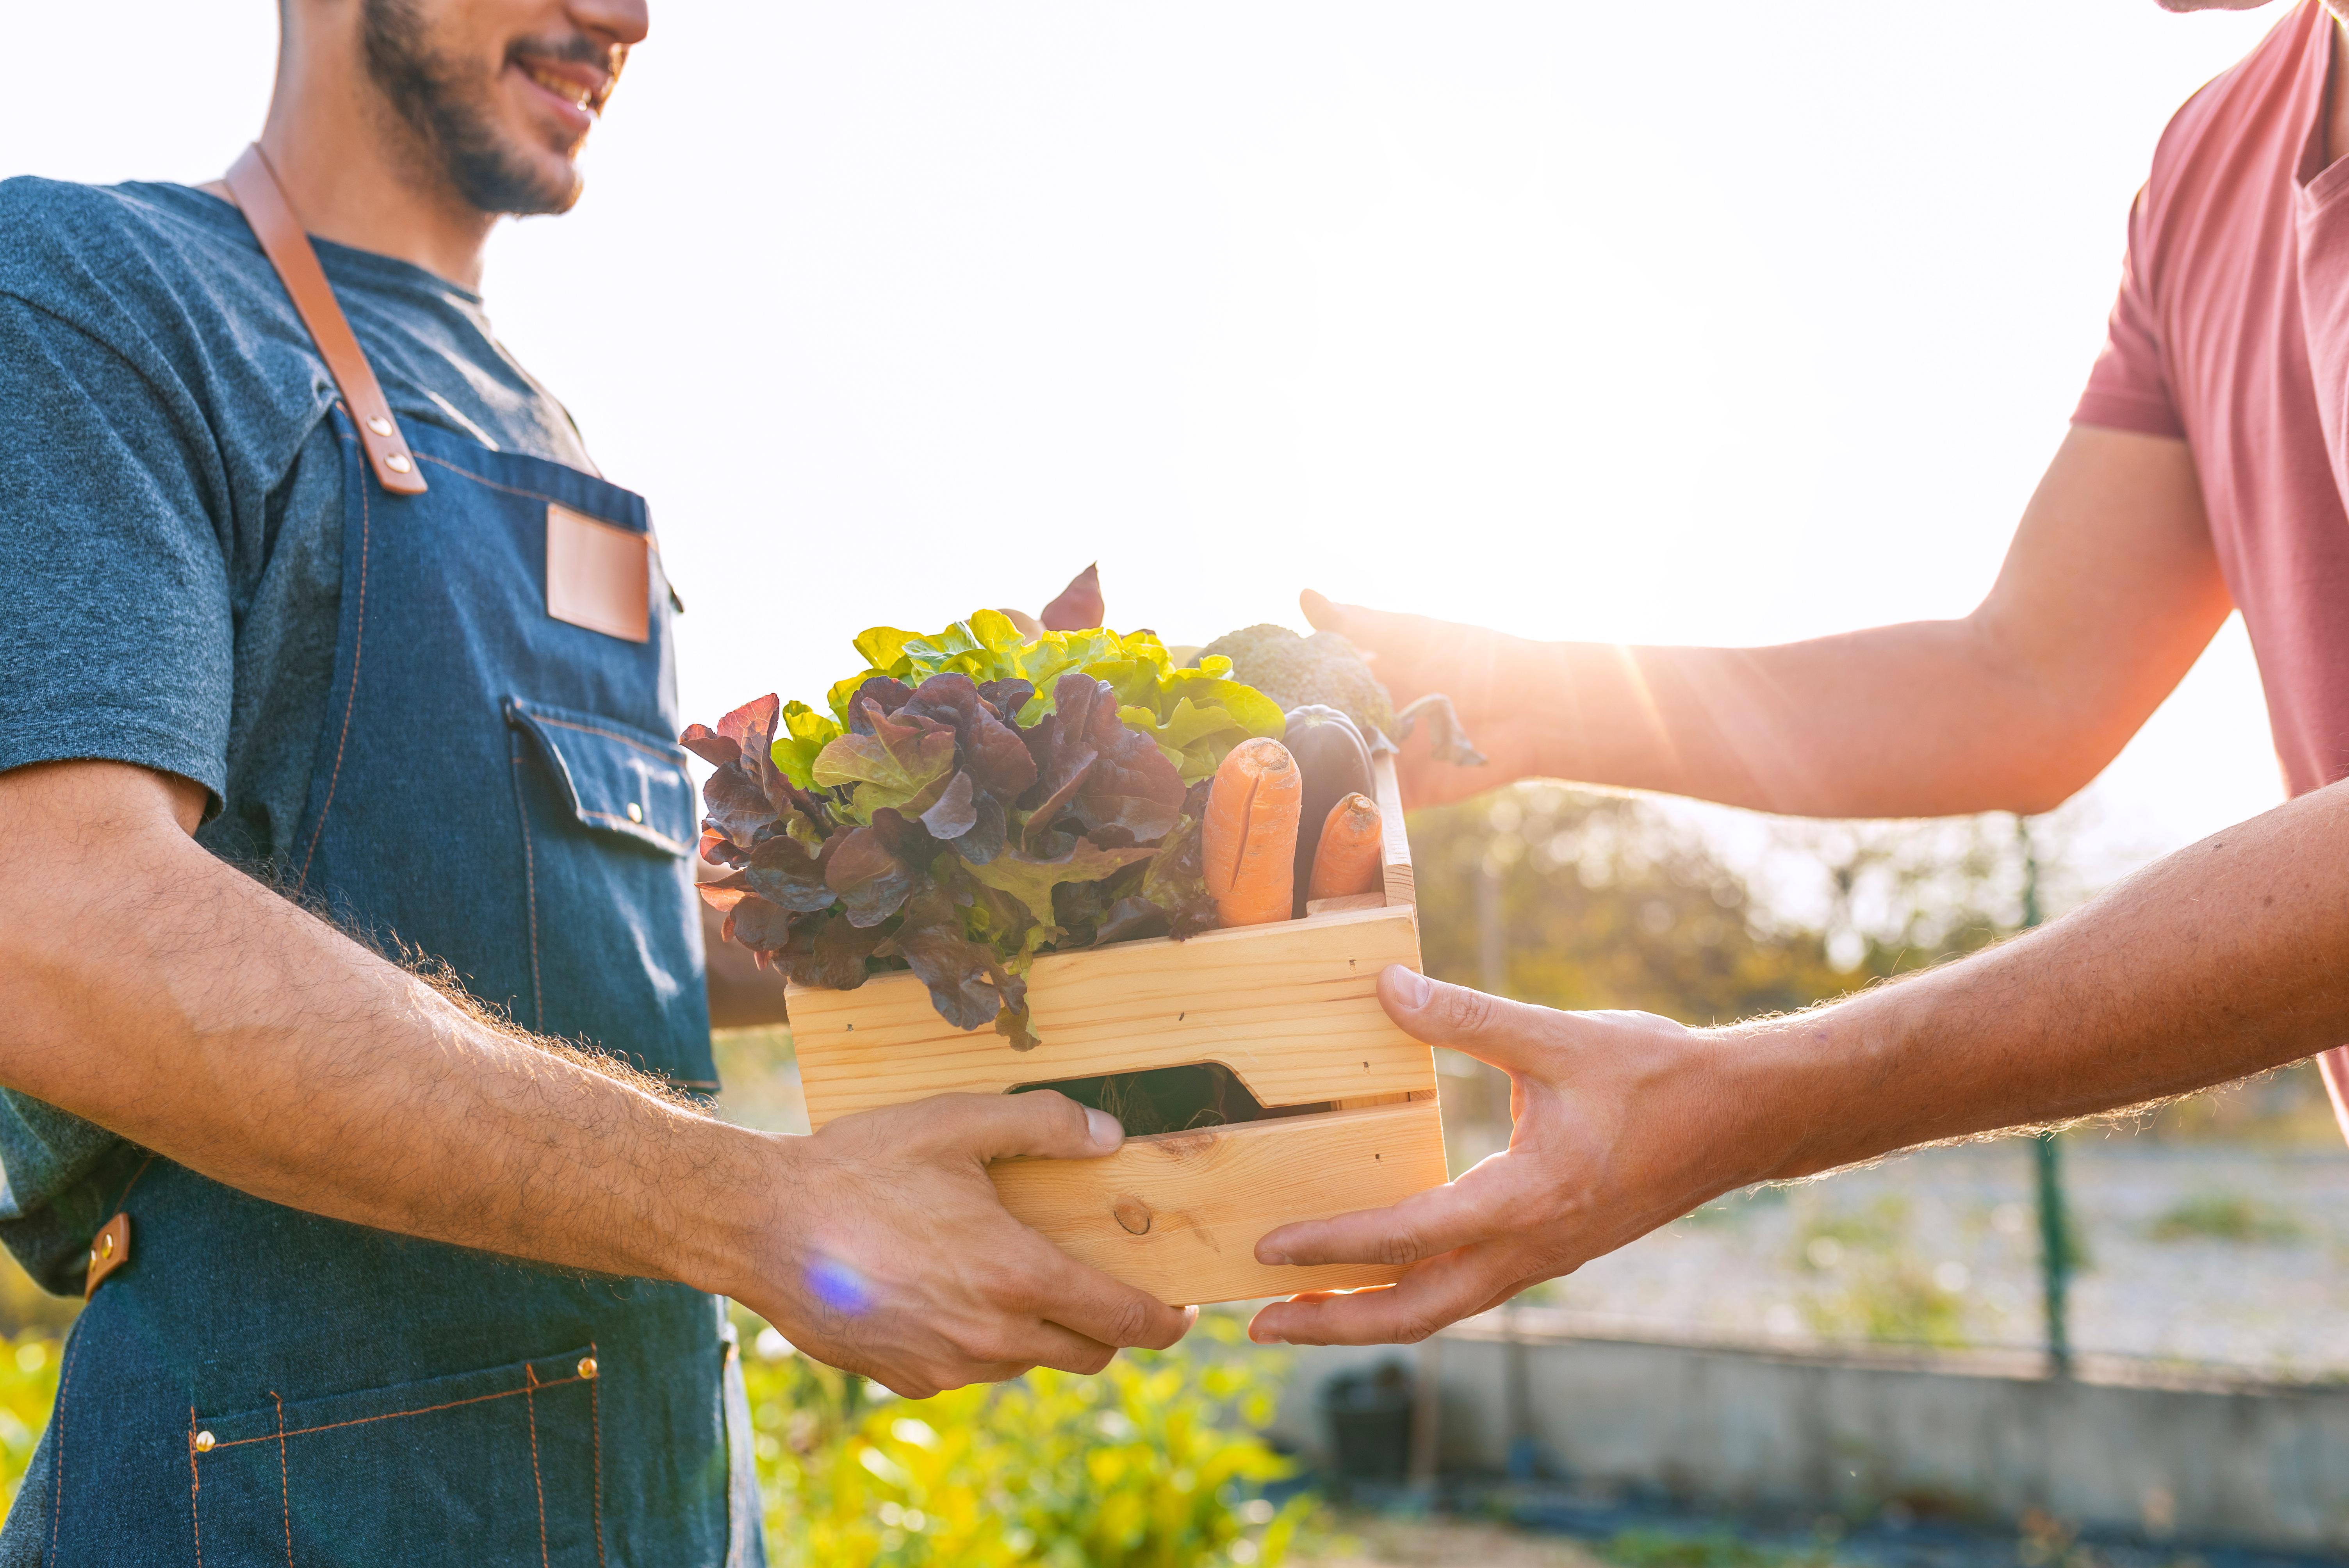 Gardening box of produce